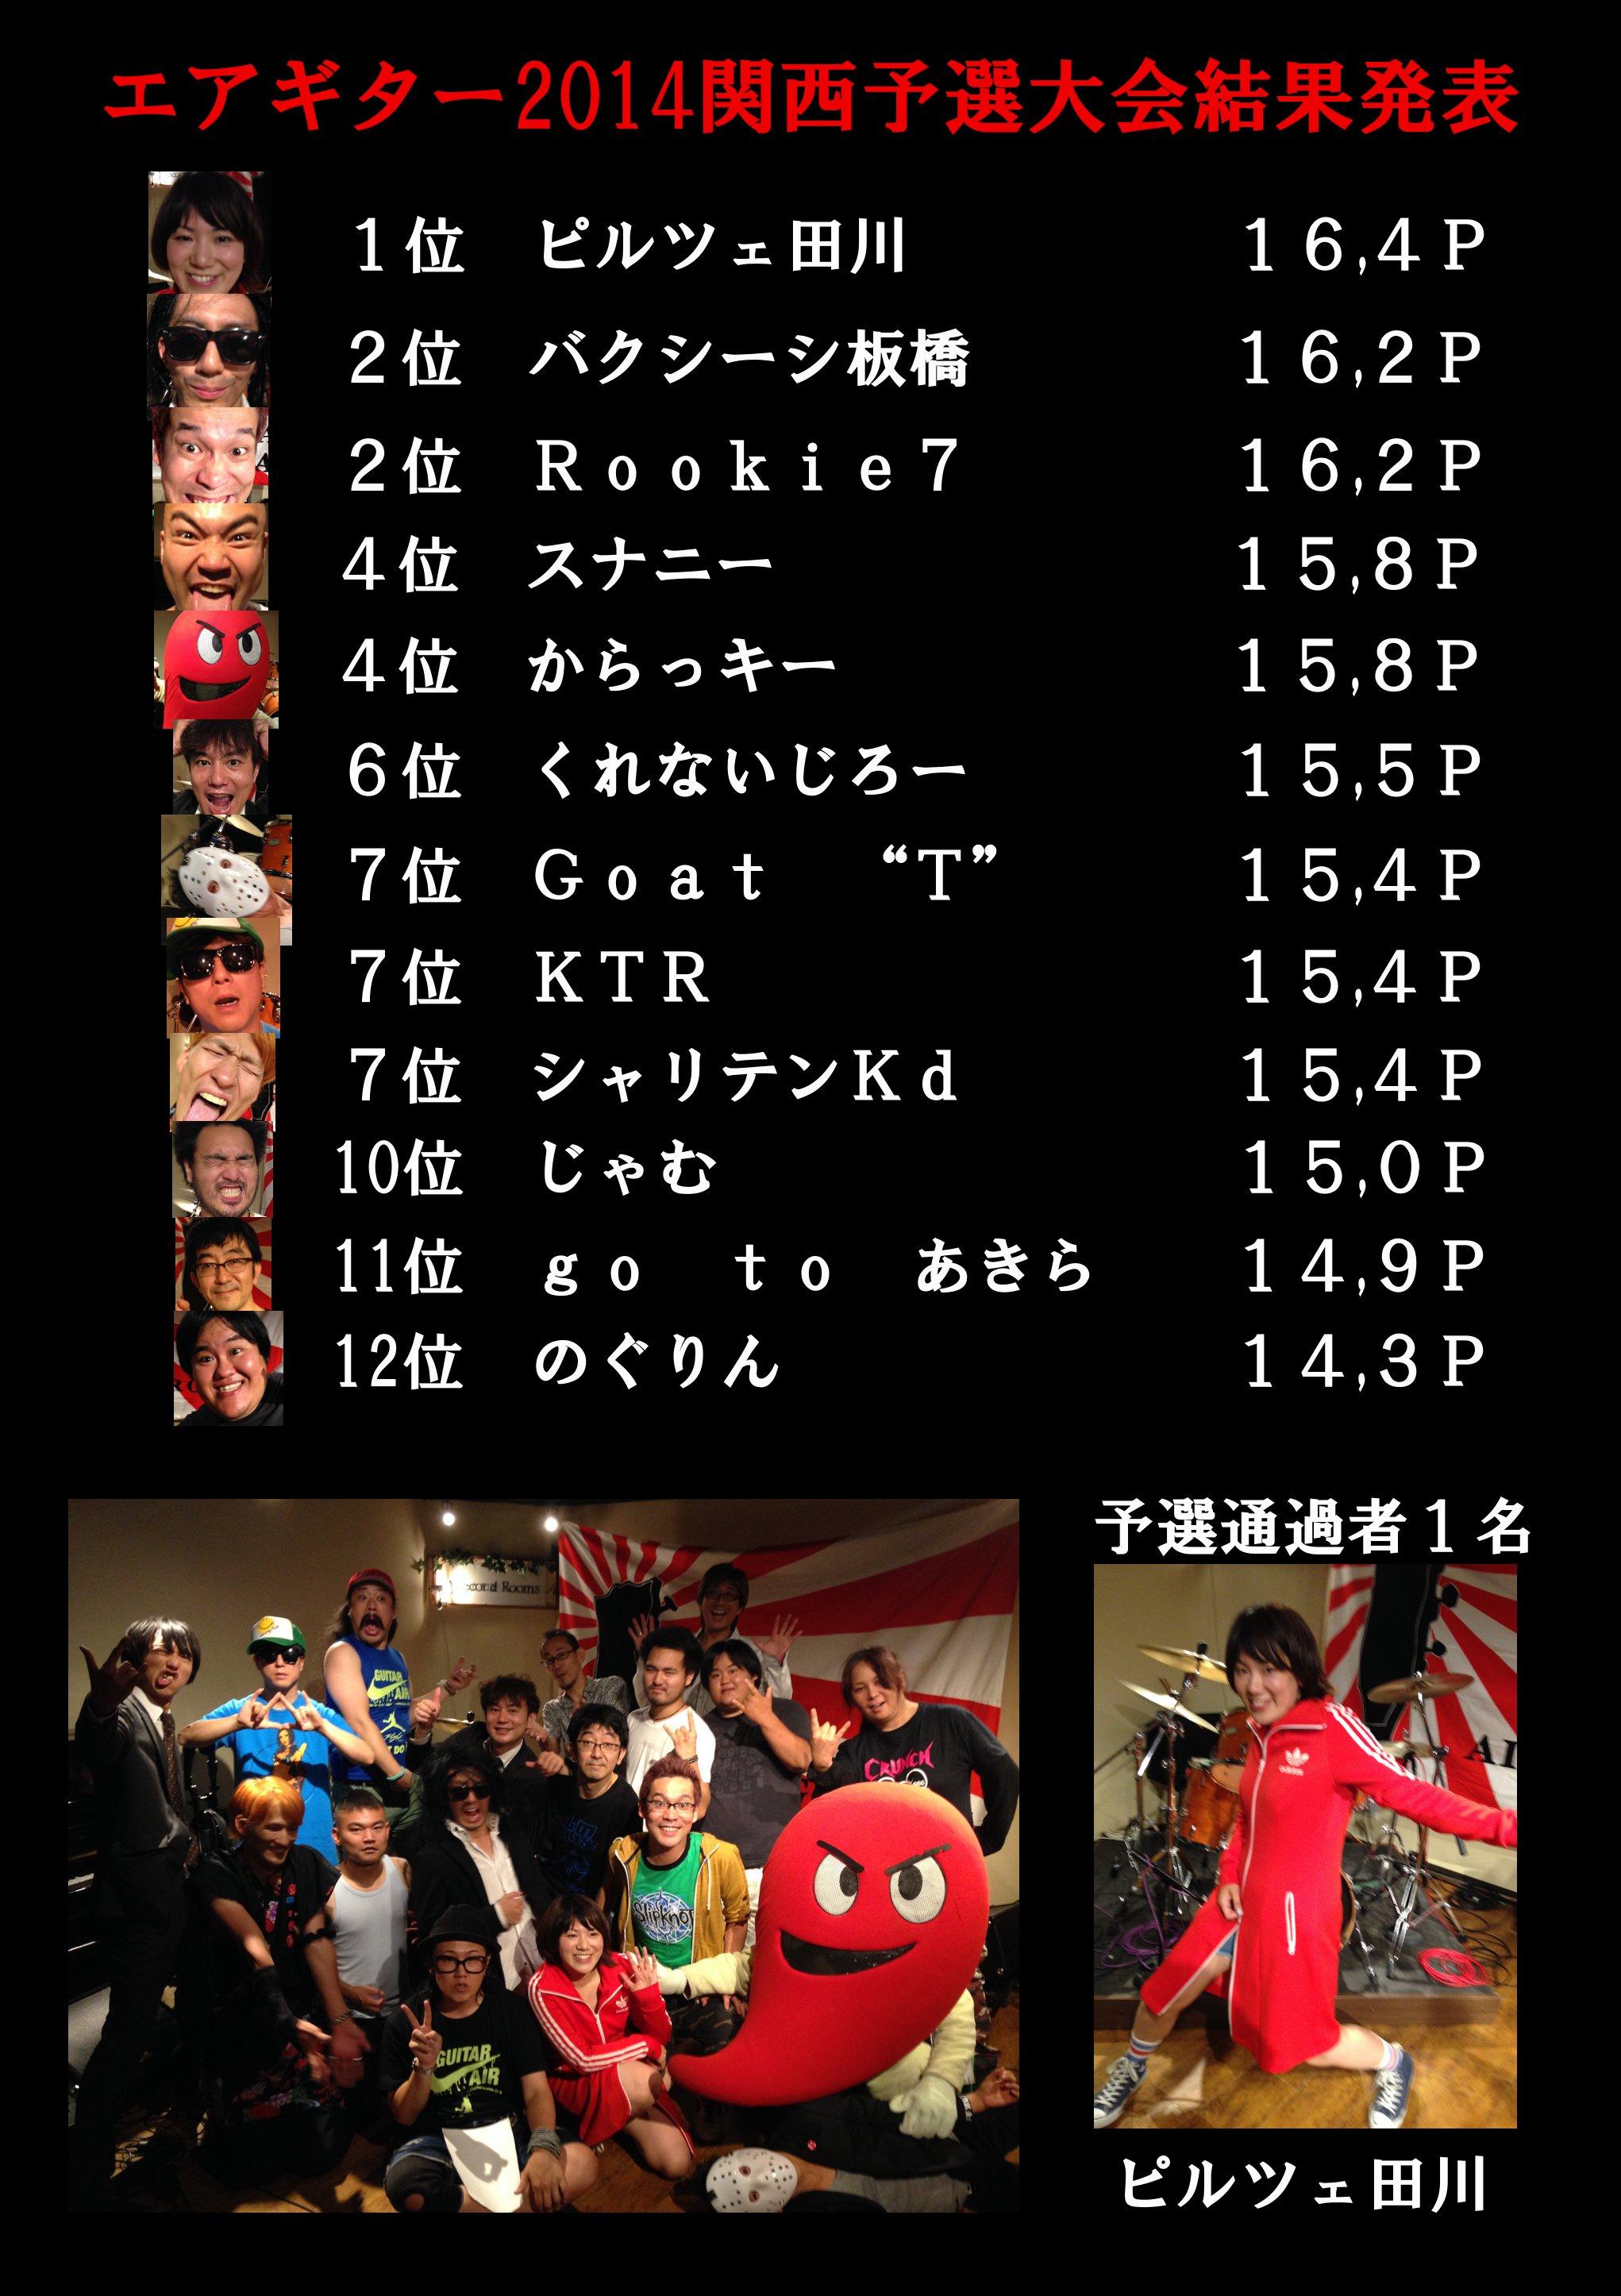 エアギター2014関西予選結果